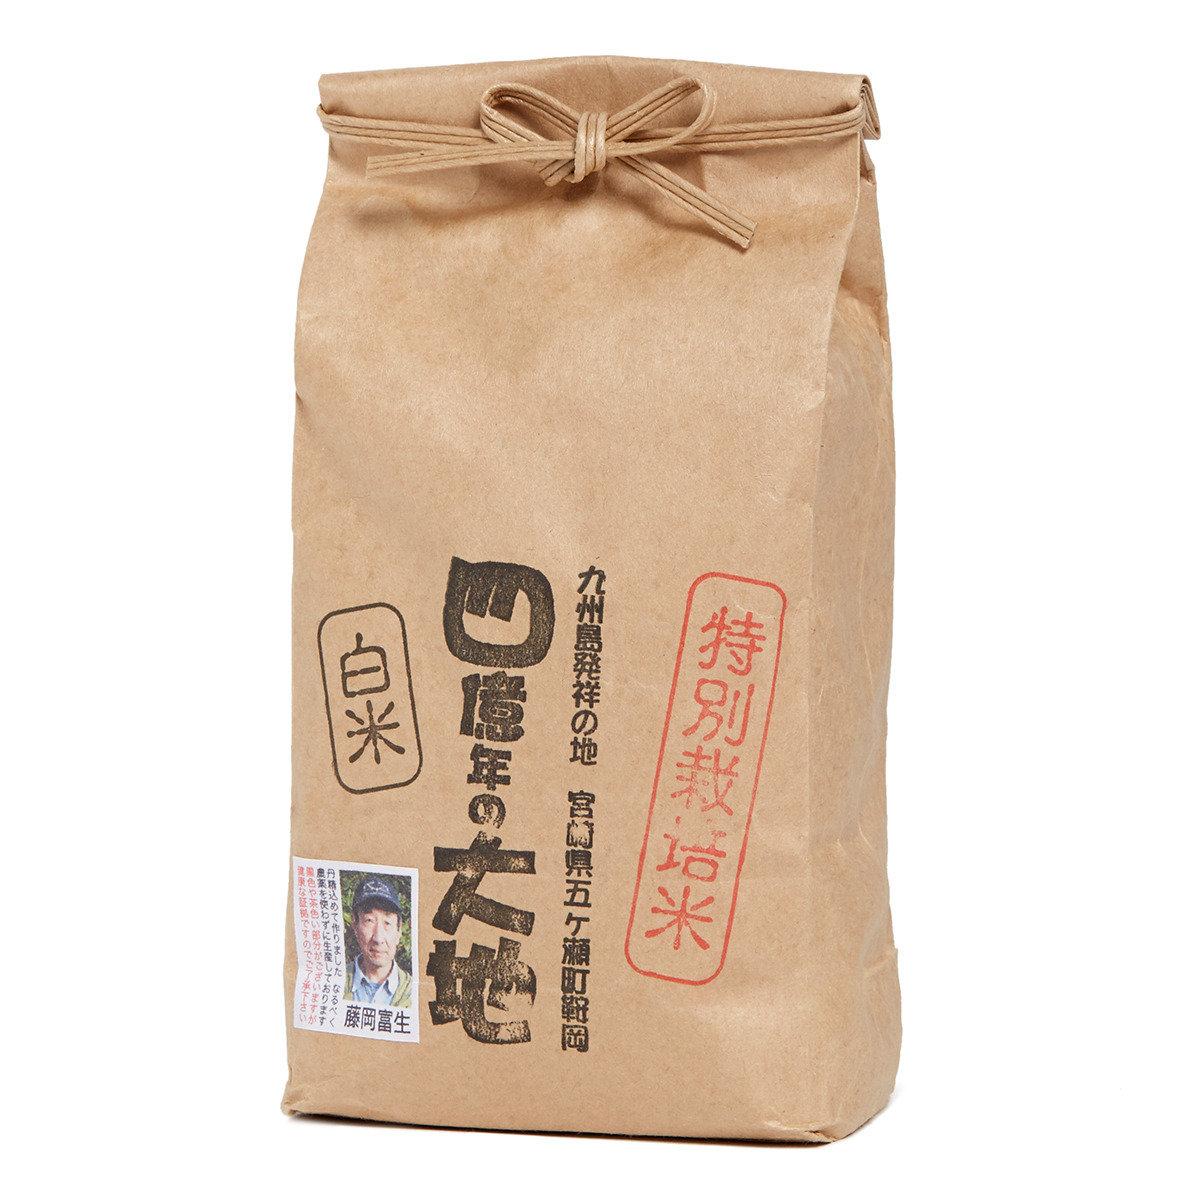 特別栽培米「四億年之大地」450克